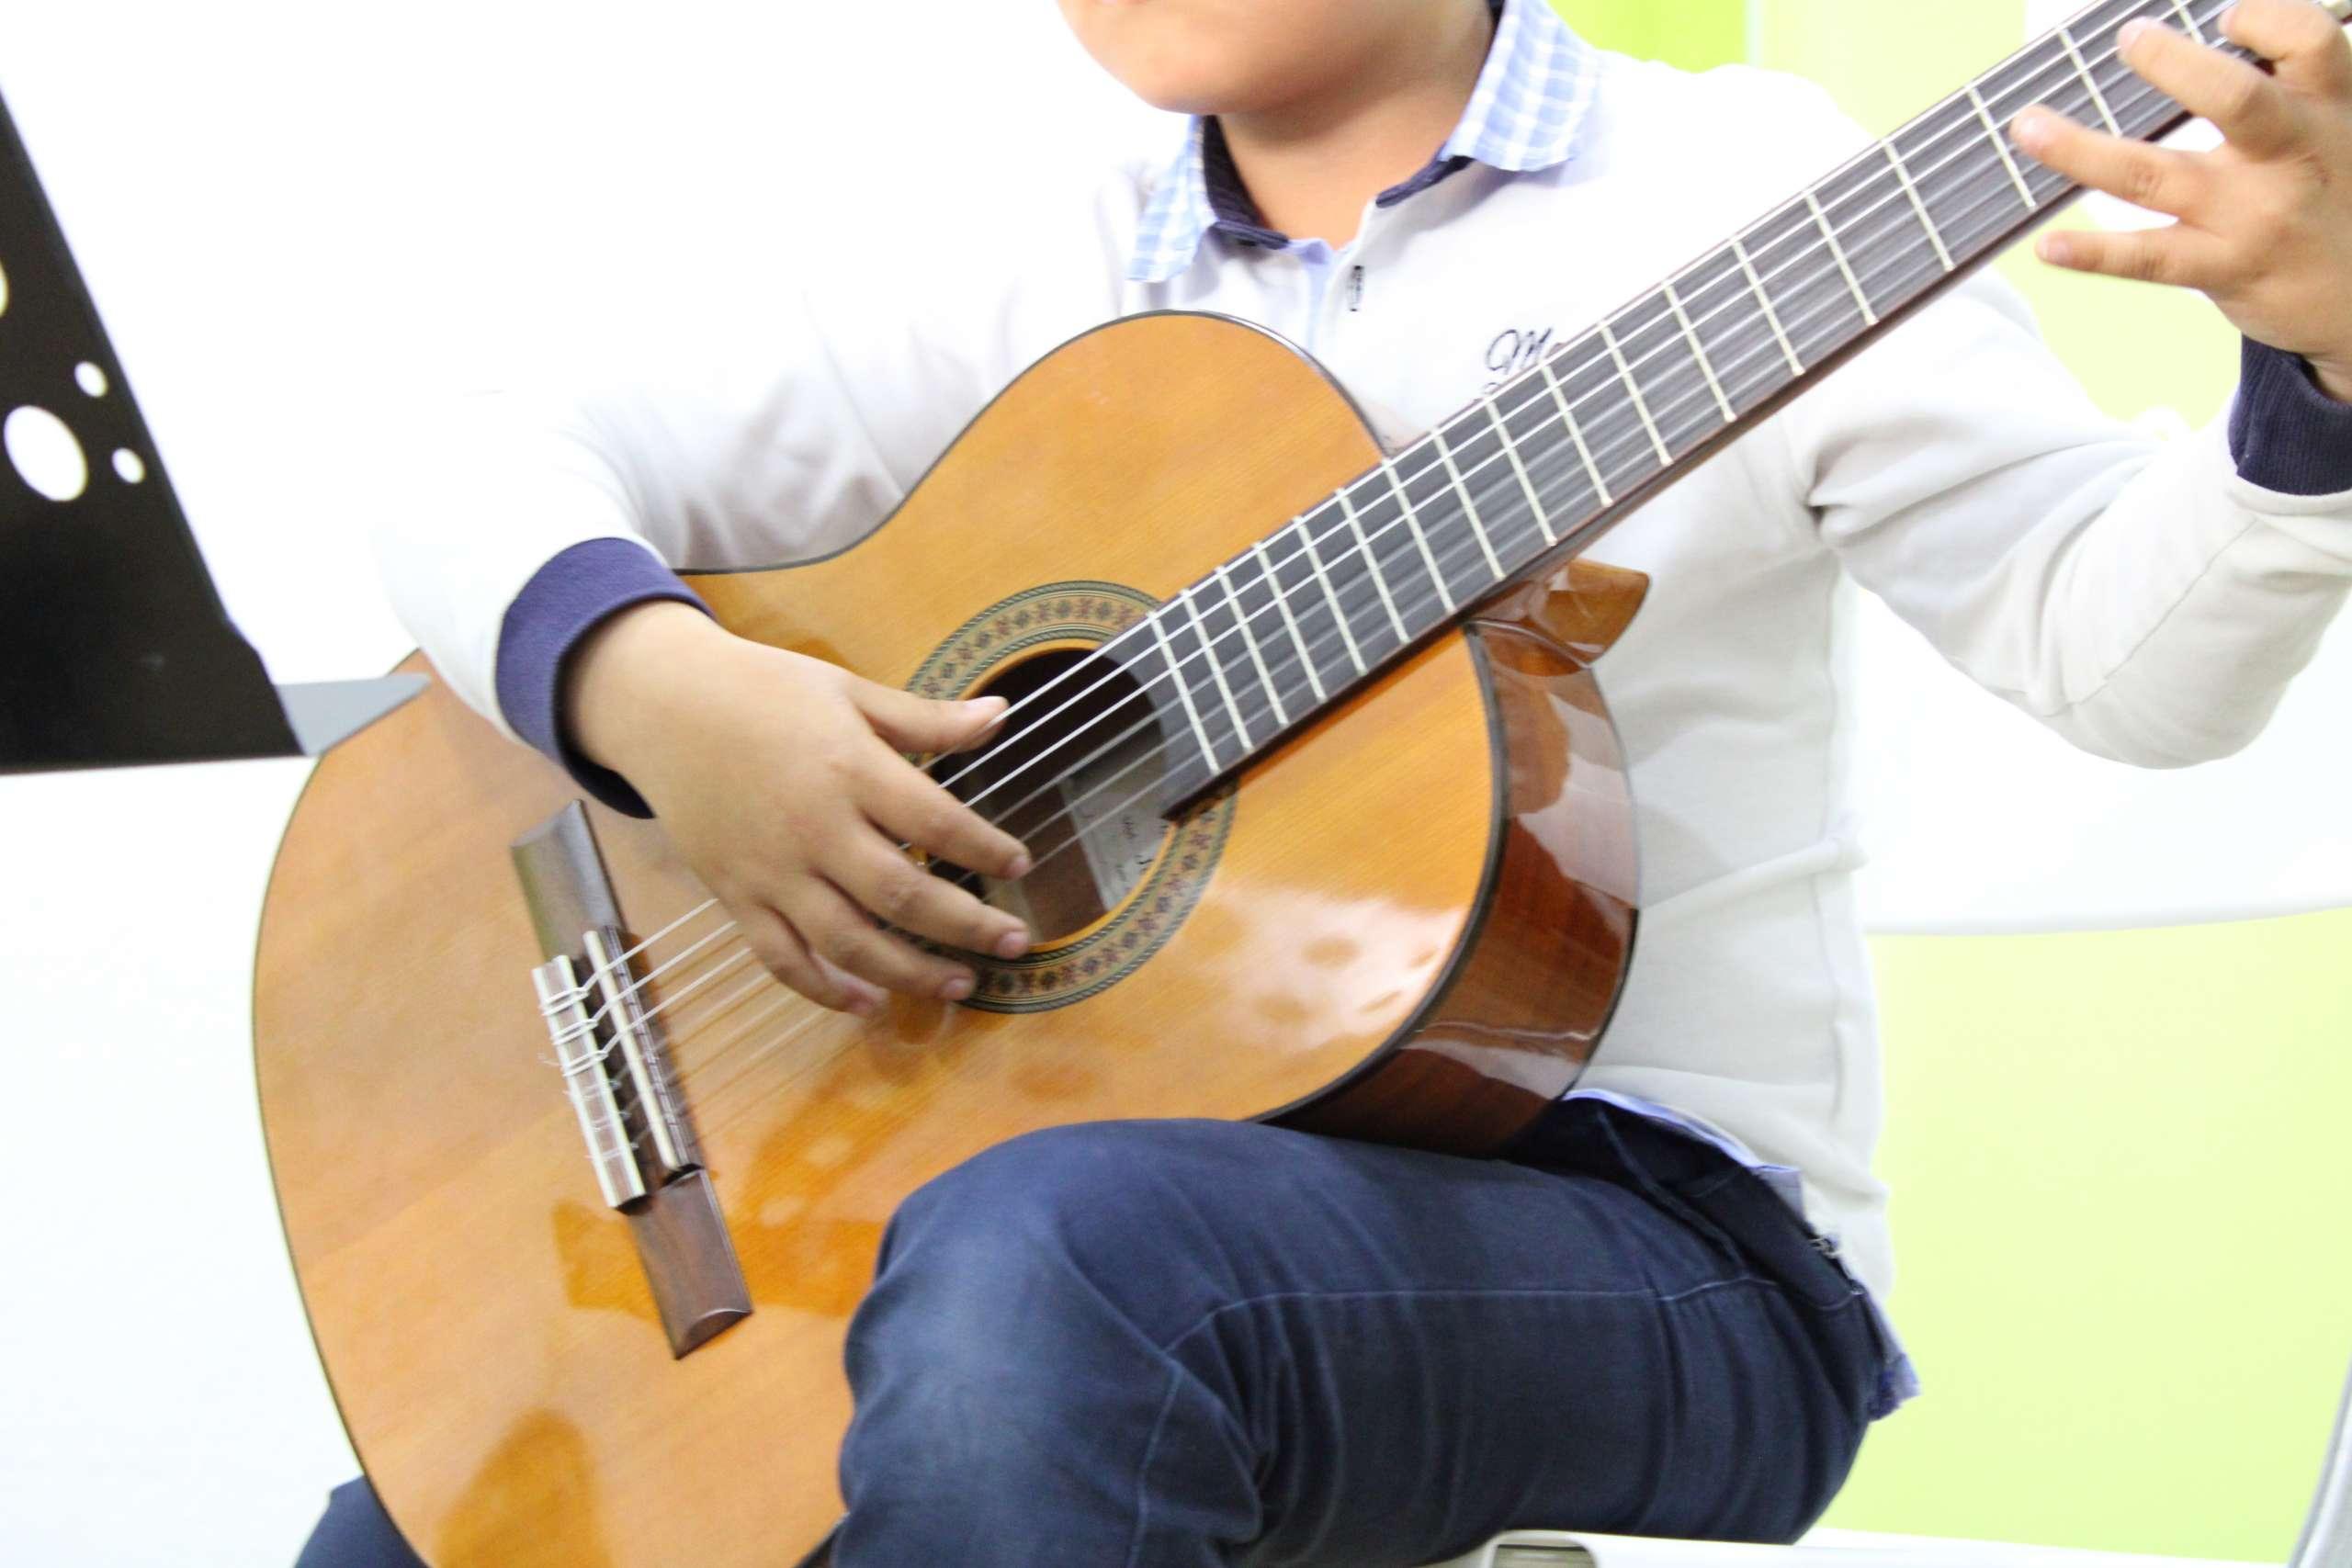 clases de guitarra murcia legato espacio musical escuela de música